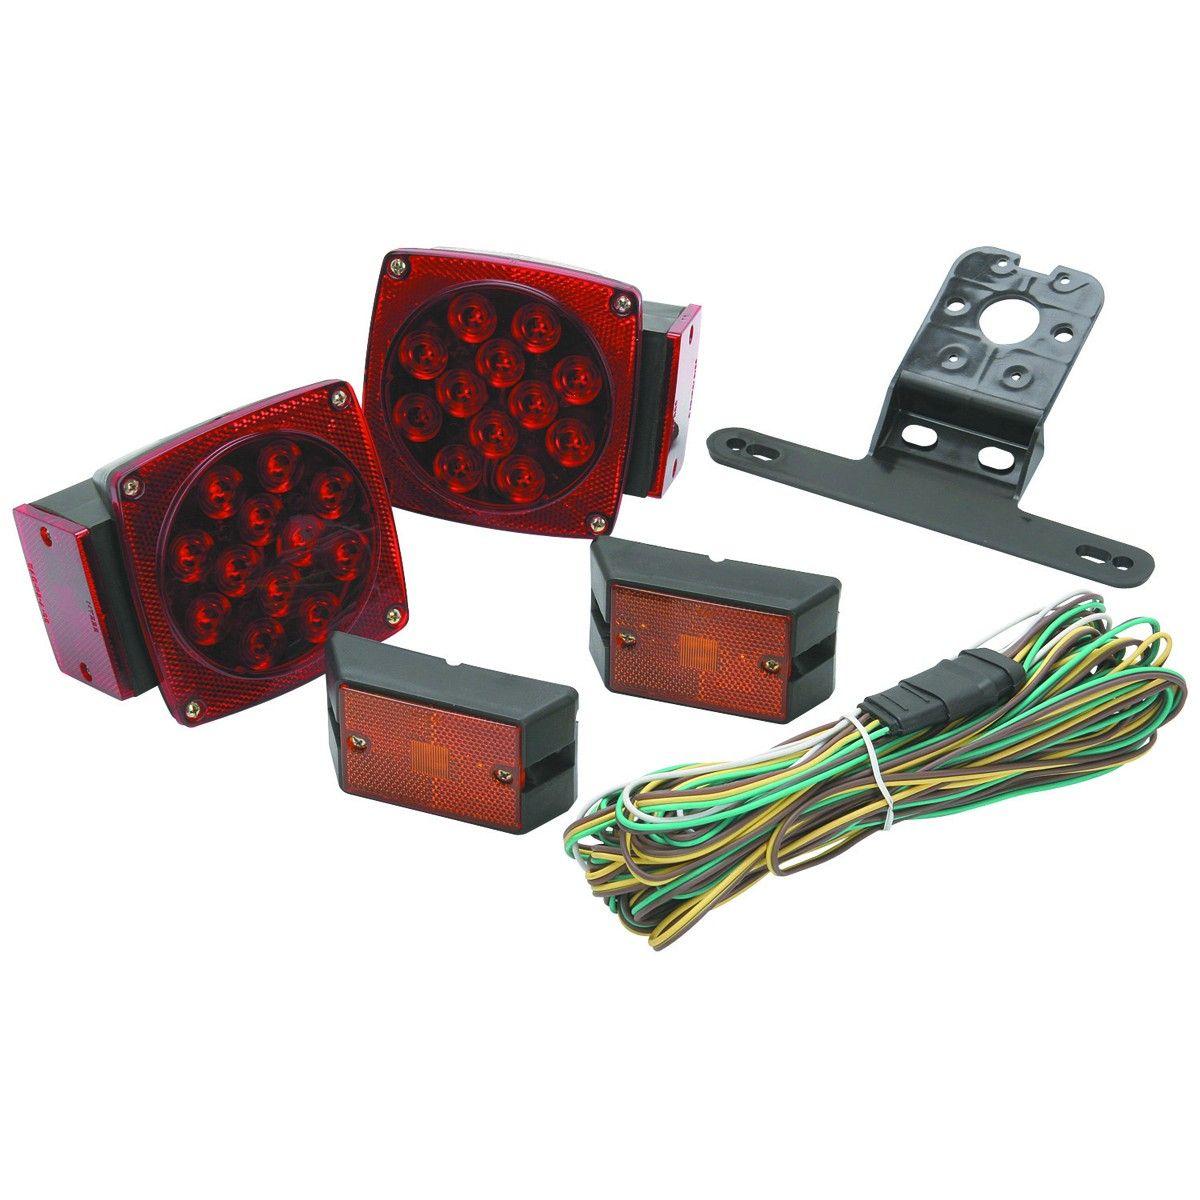 Haul-master 95974 Led Trailer Light Kit